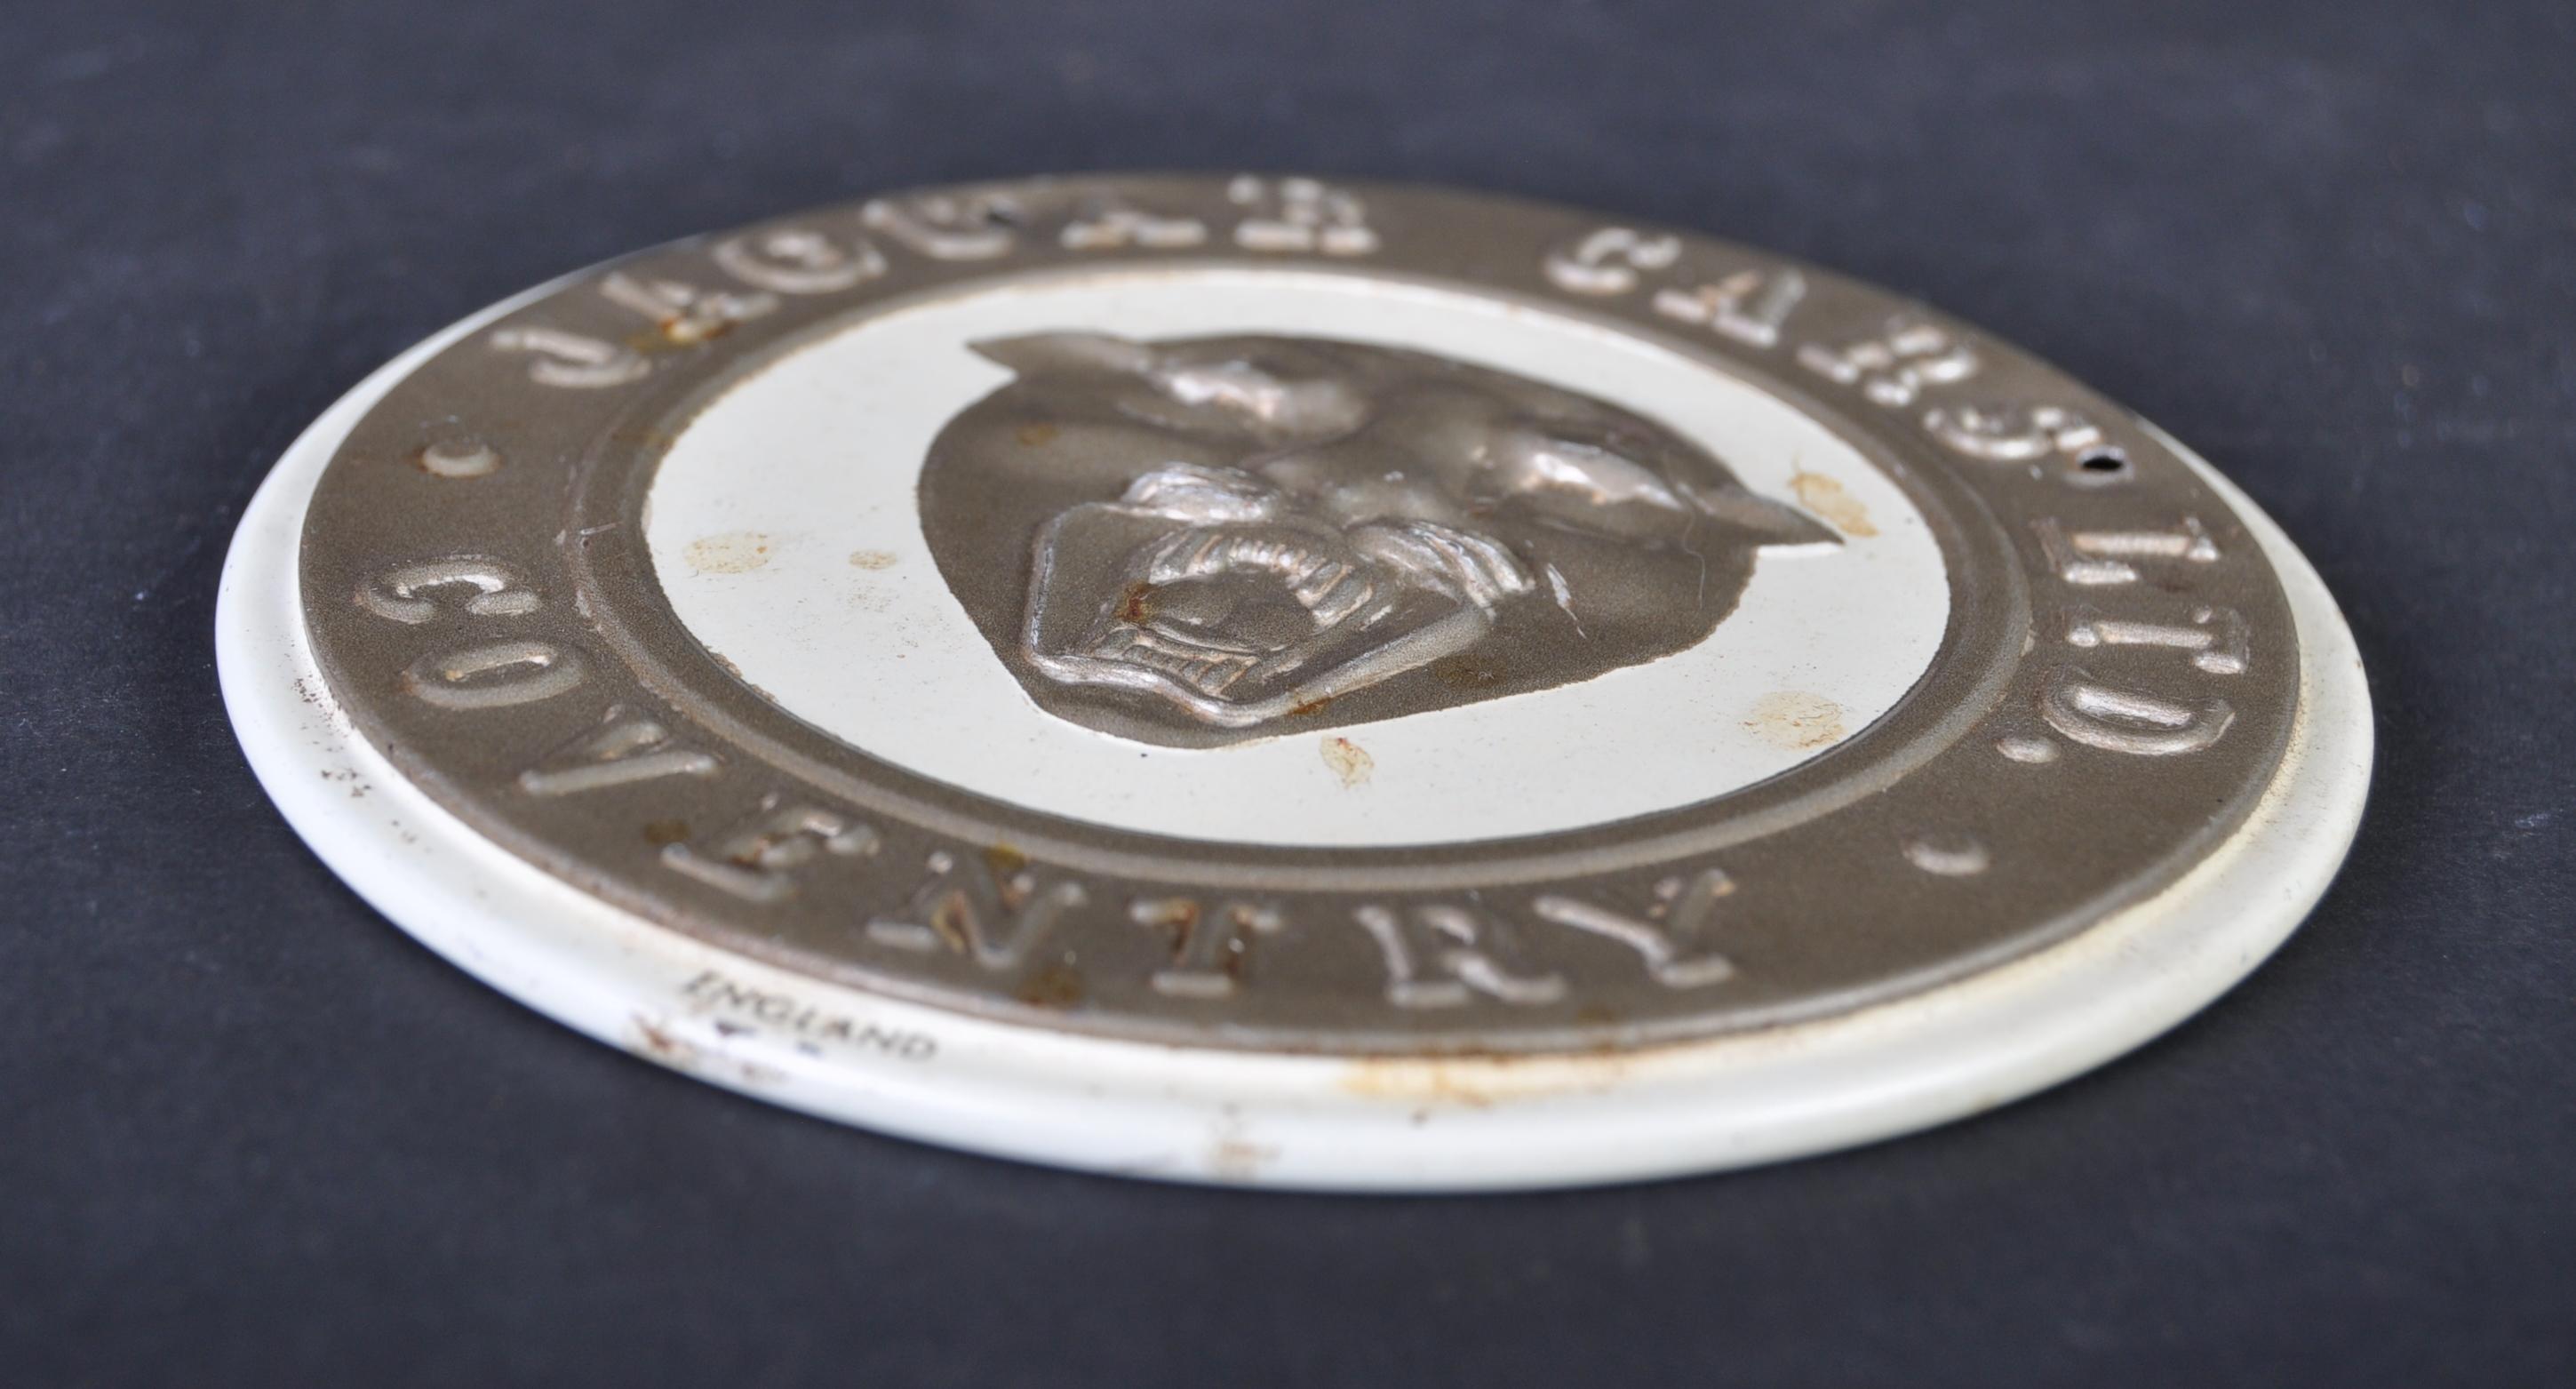 JAGUAR - 1950S AMERICAN CEREAL WHEATIES TIN EMBLEM - Image 2 of 3